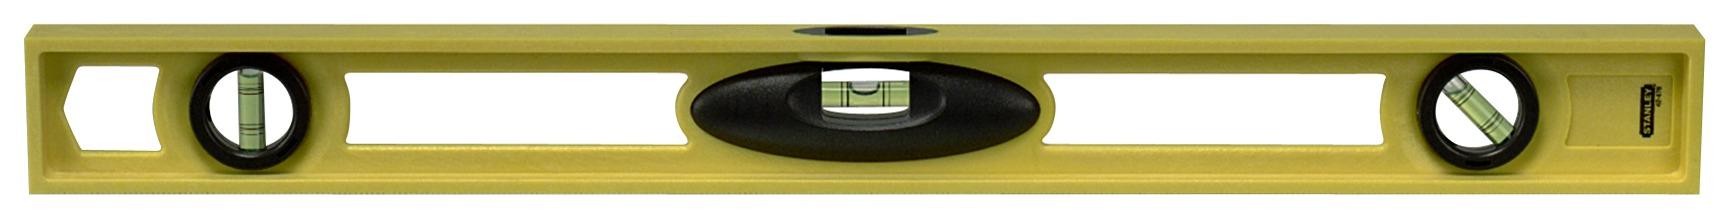 STANLEY VATER FOAMCAST ABS PLAST 600MM